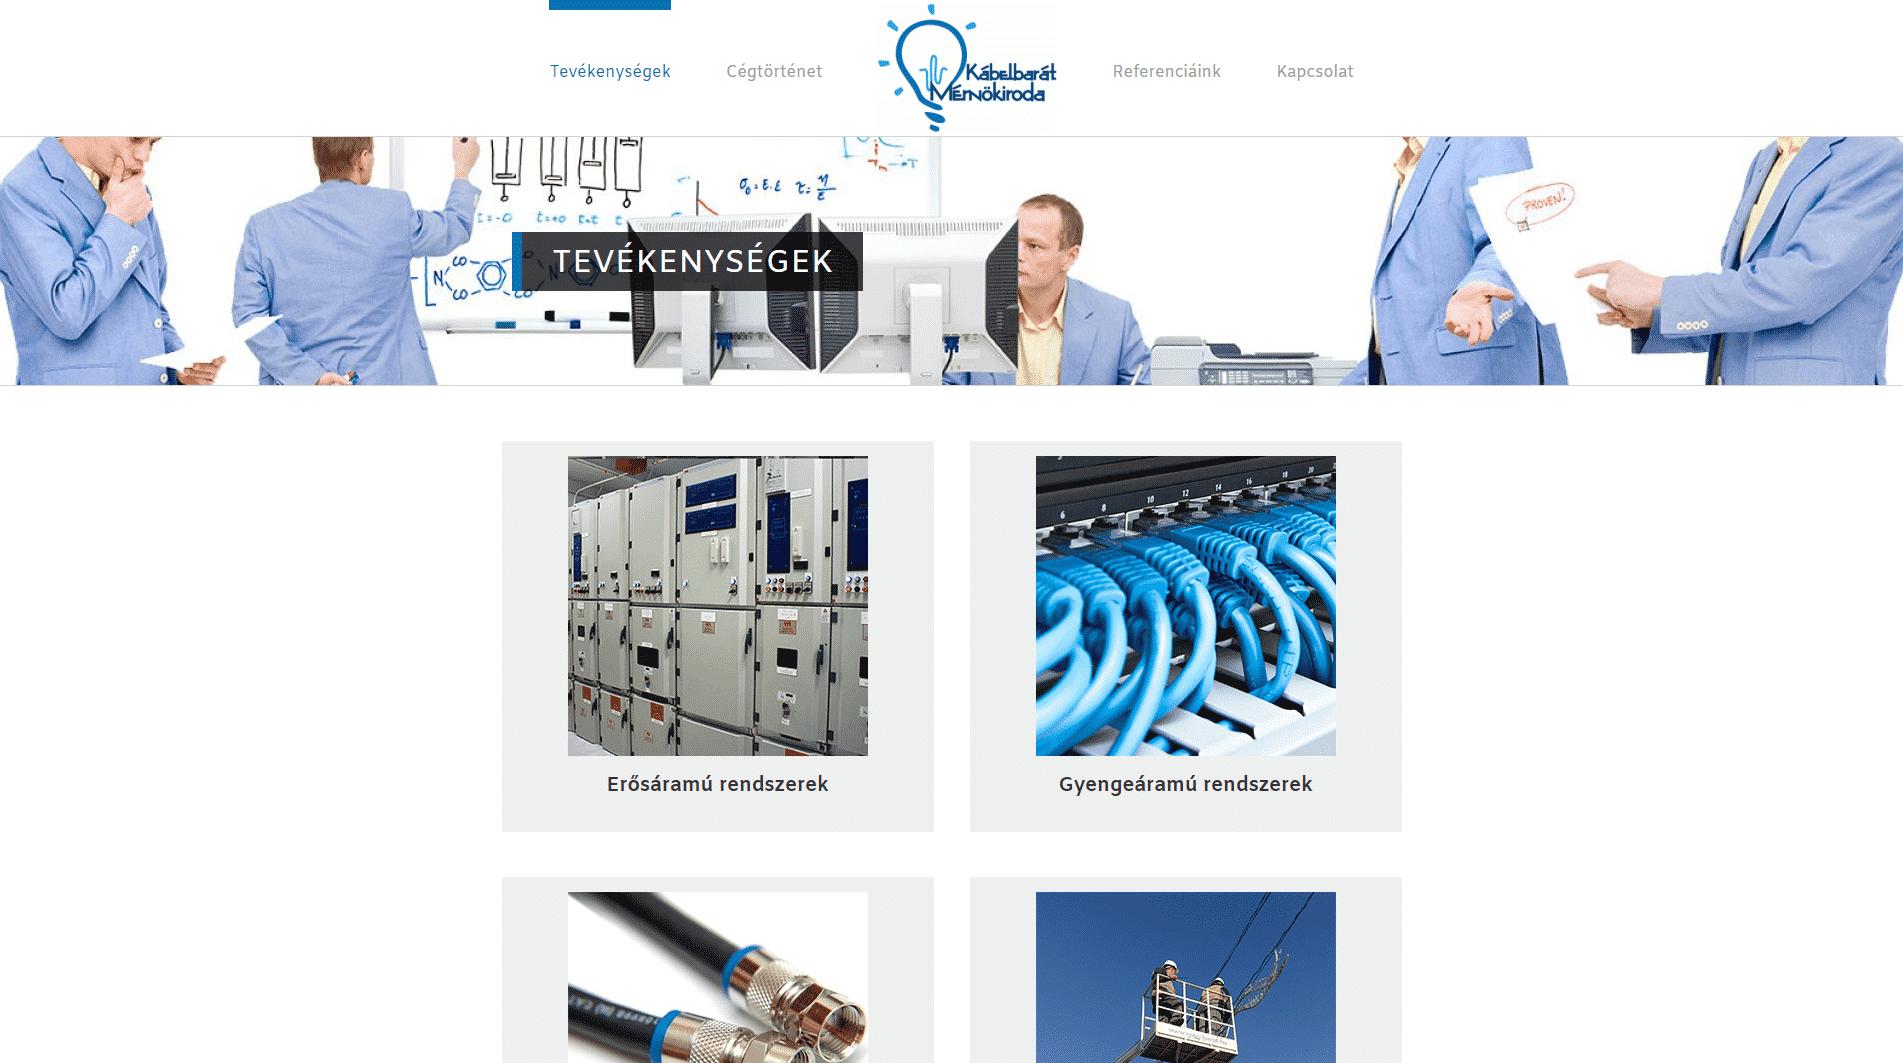 Kábelbarát Mérnökiroda Kft – Kontaktusban a biztonsággal…